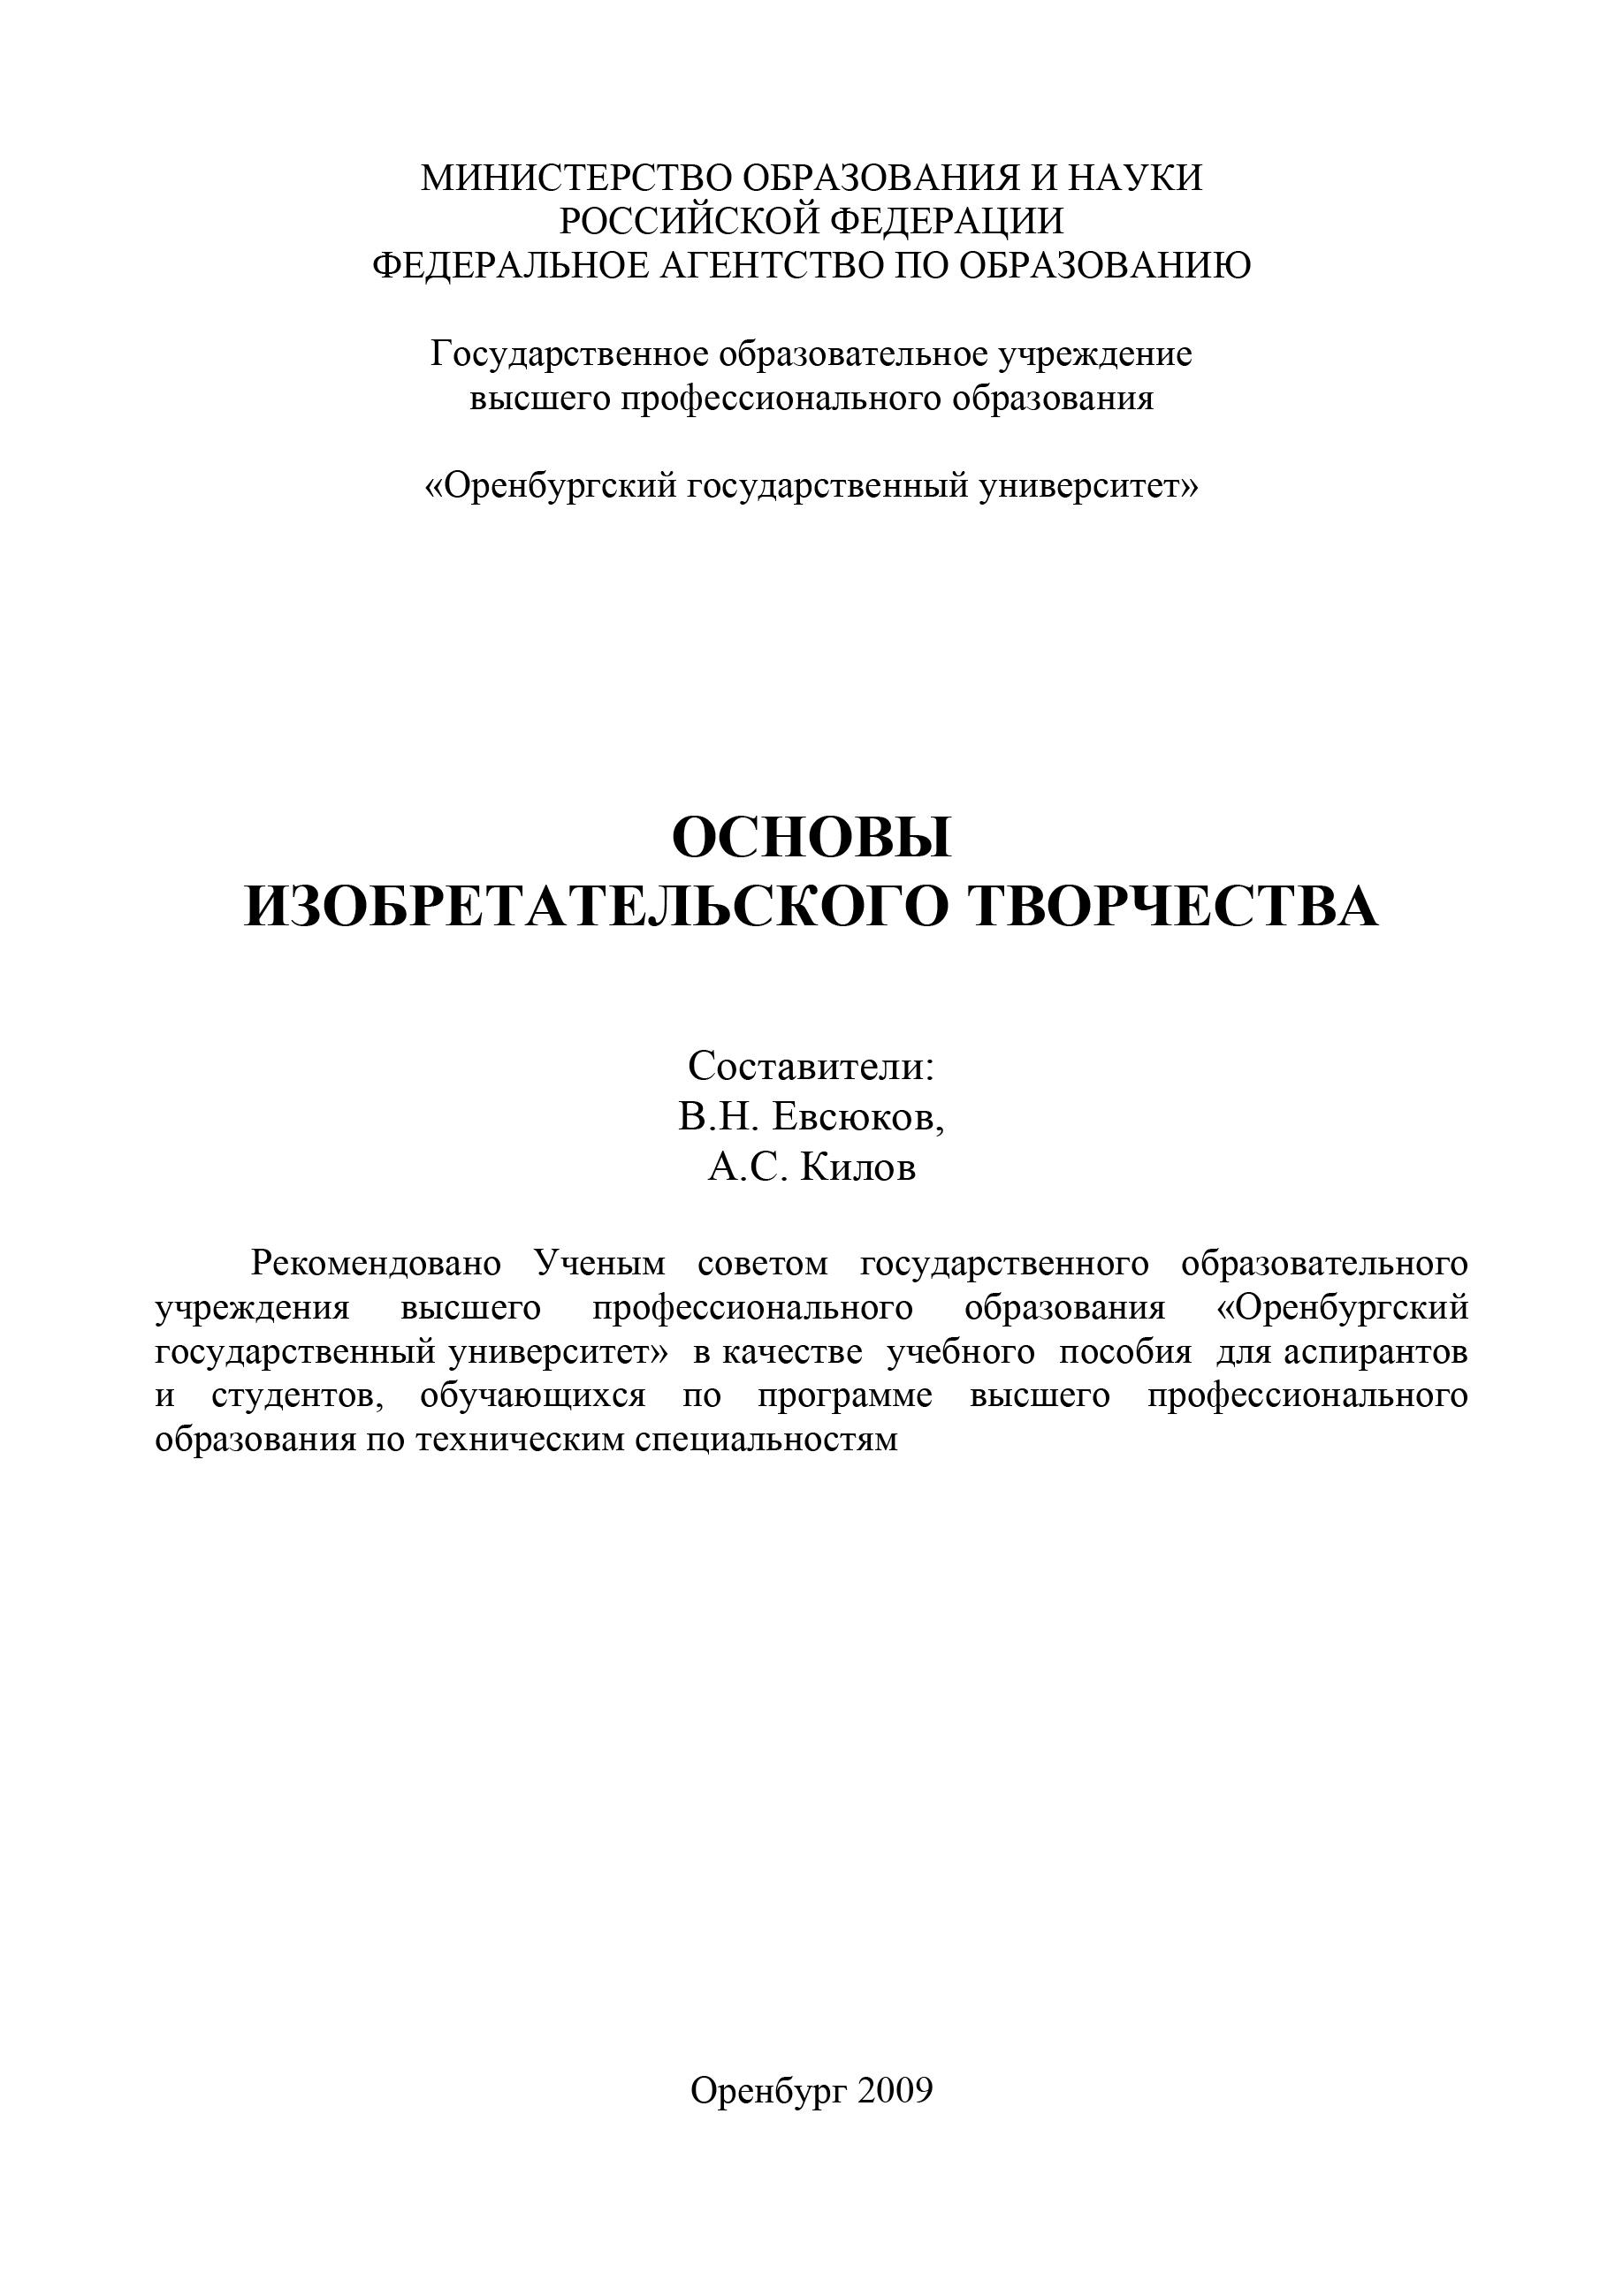 цены В. Н. Евсюков Основы изобретательского творчества